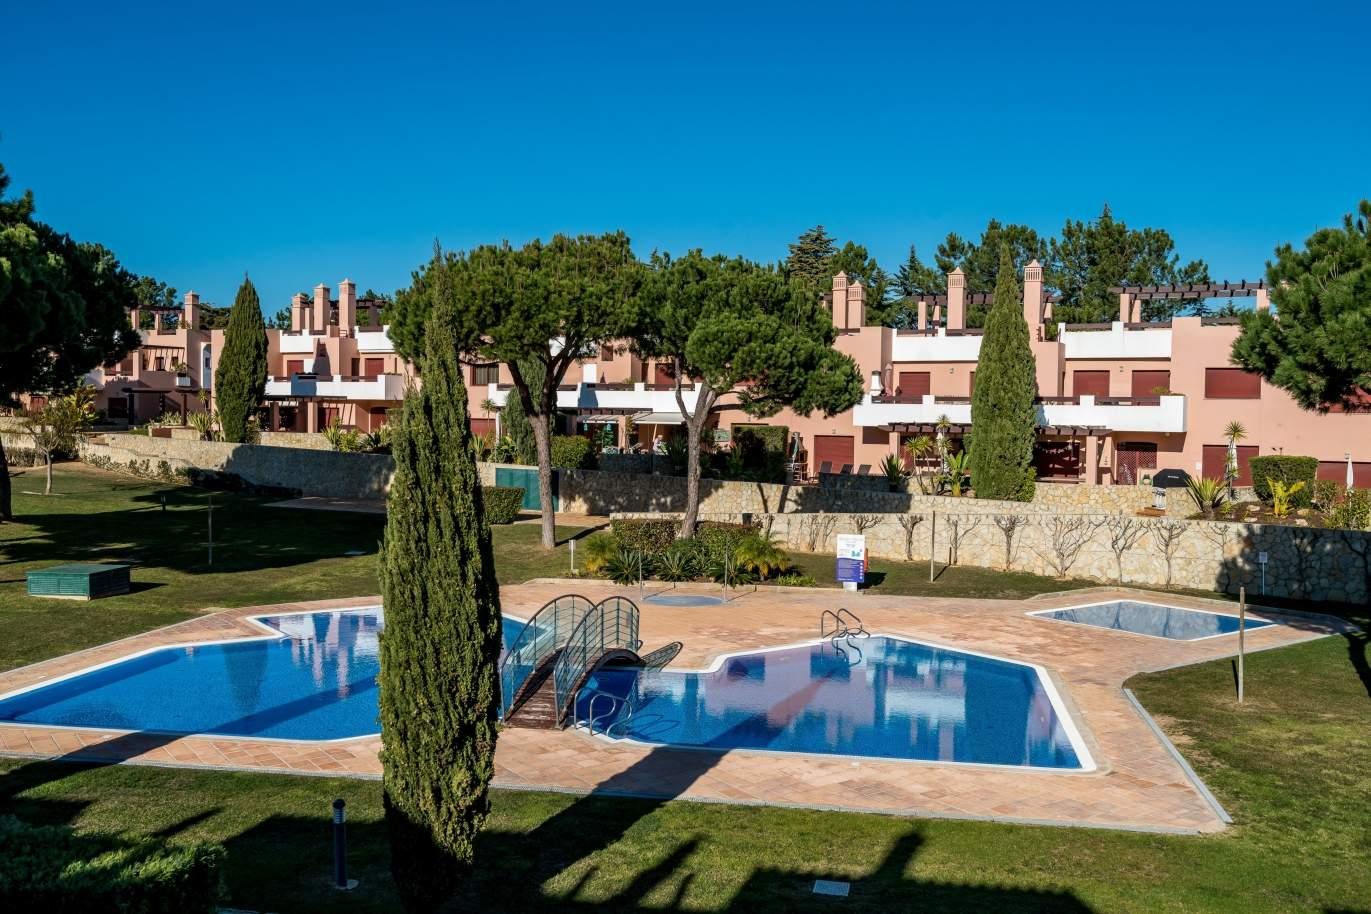 venda-de-moradiacondominio-privado-piscina-comumvila-sol-algarve